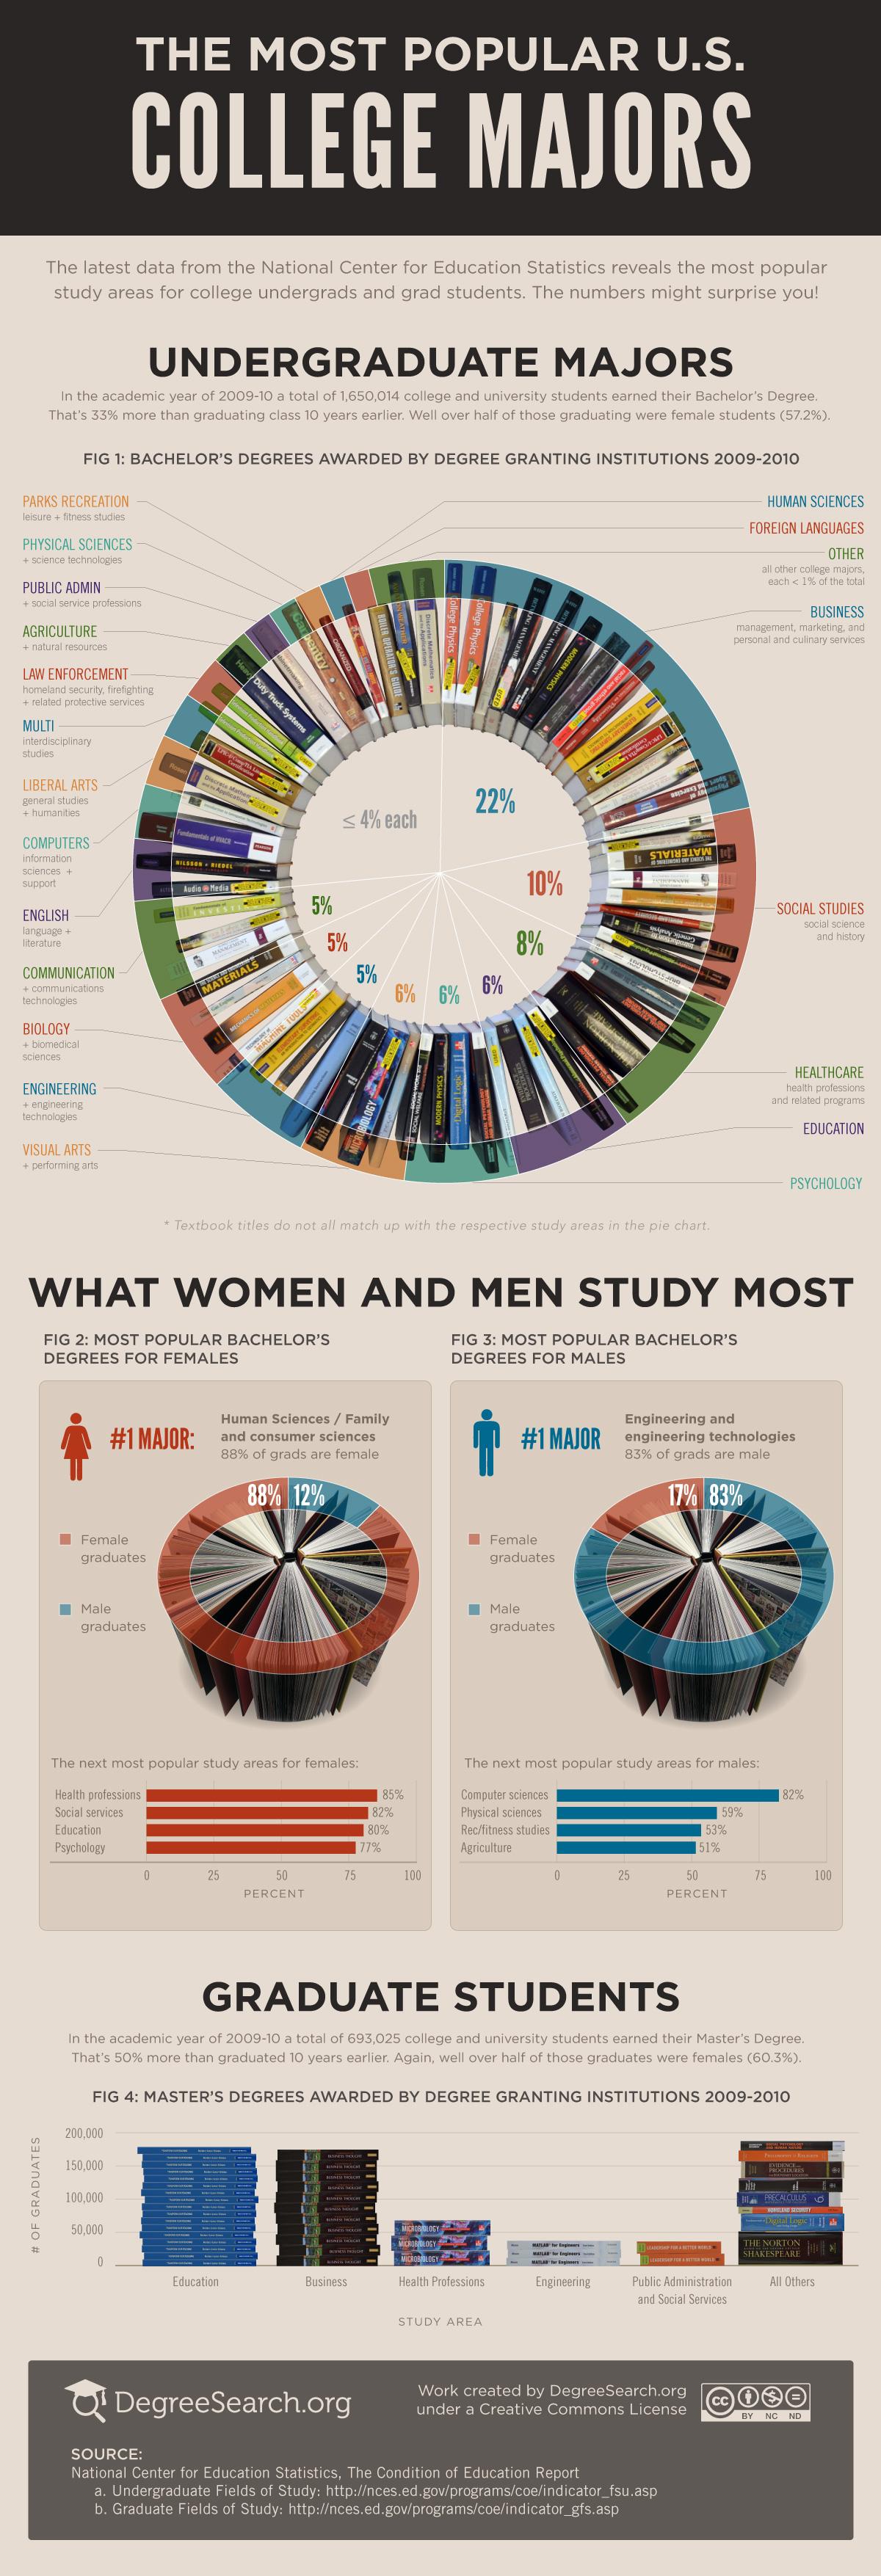 the-most-popular-college-majors-2012_50de8001ab1fe